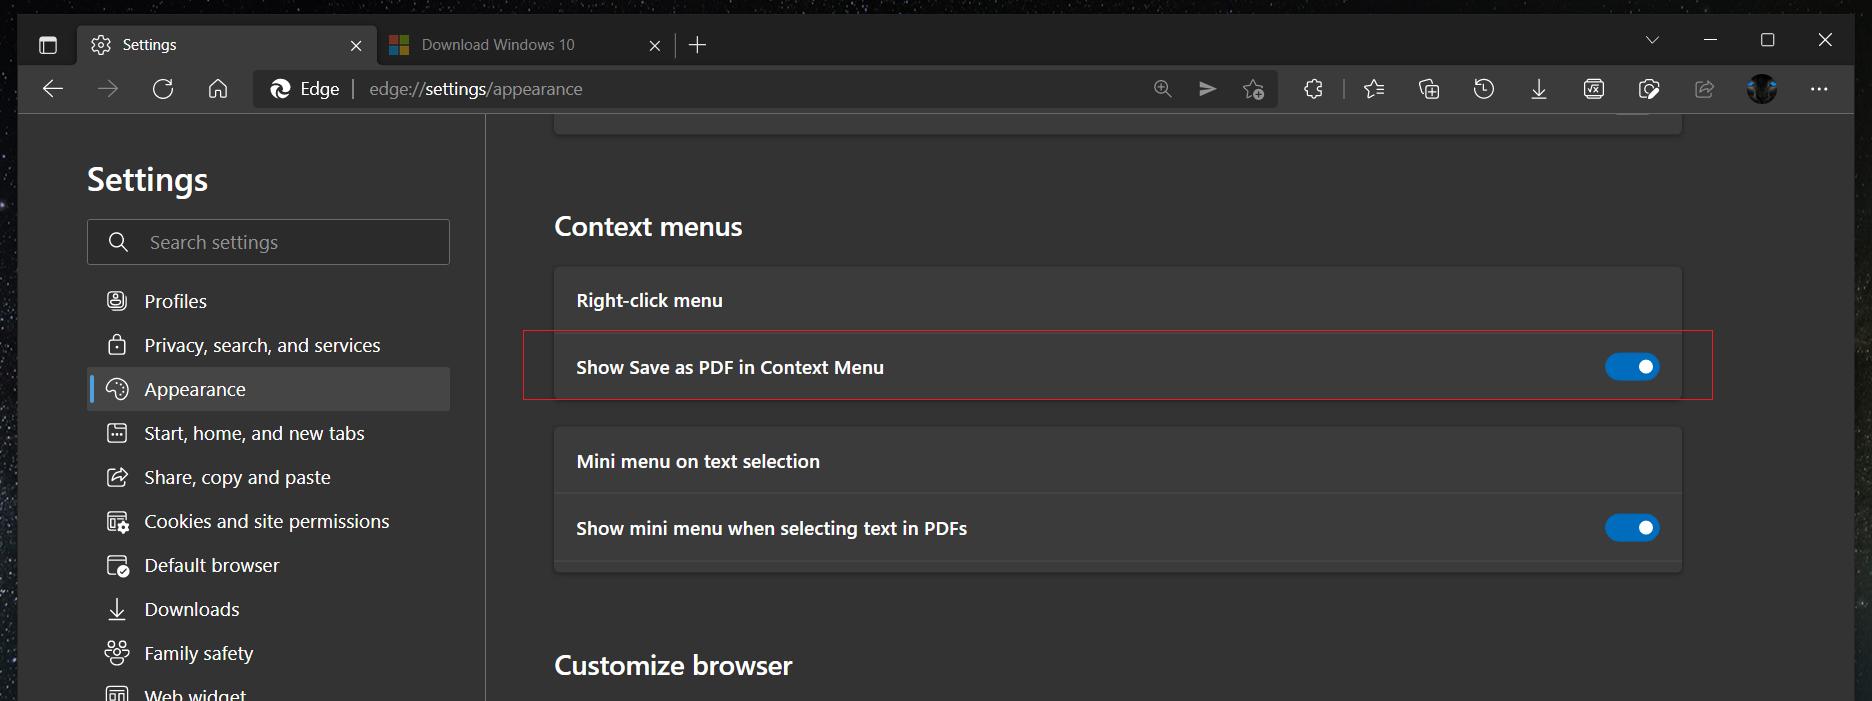 微软为 Edge 中的右键菜单添加了新选项